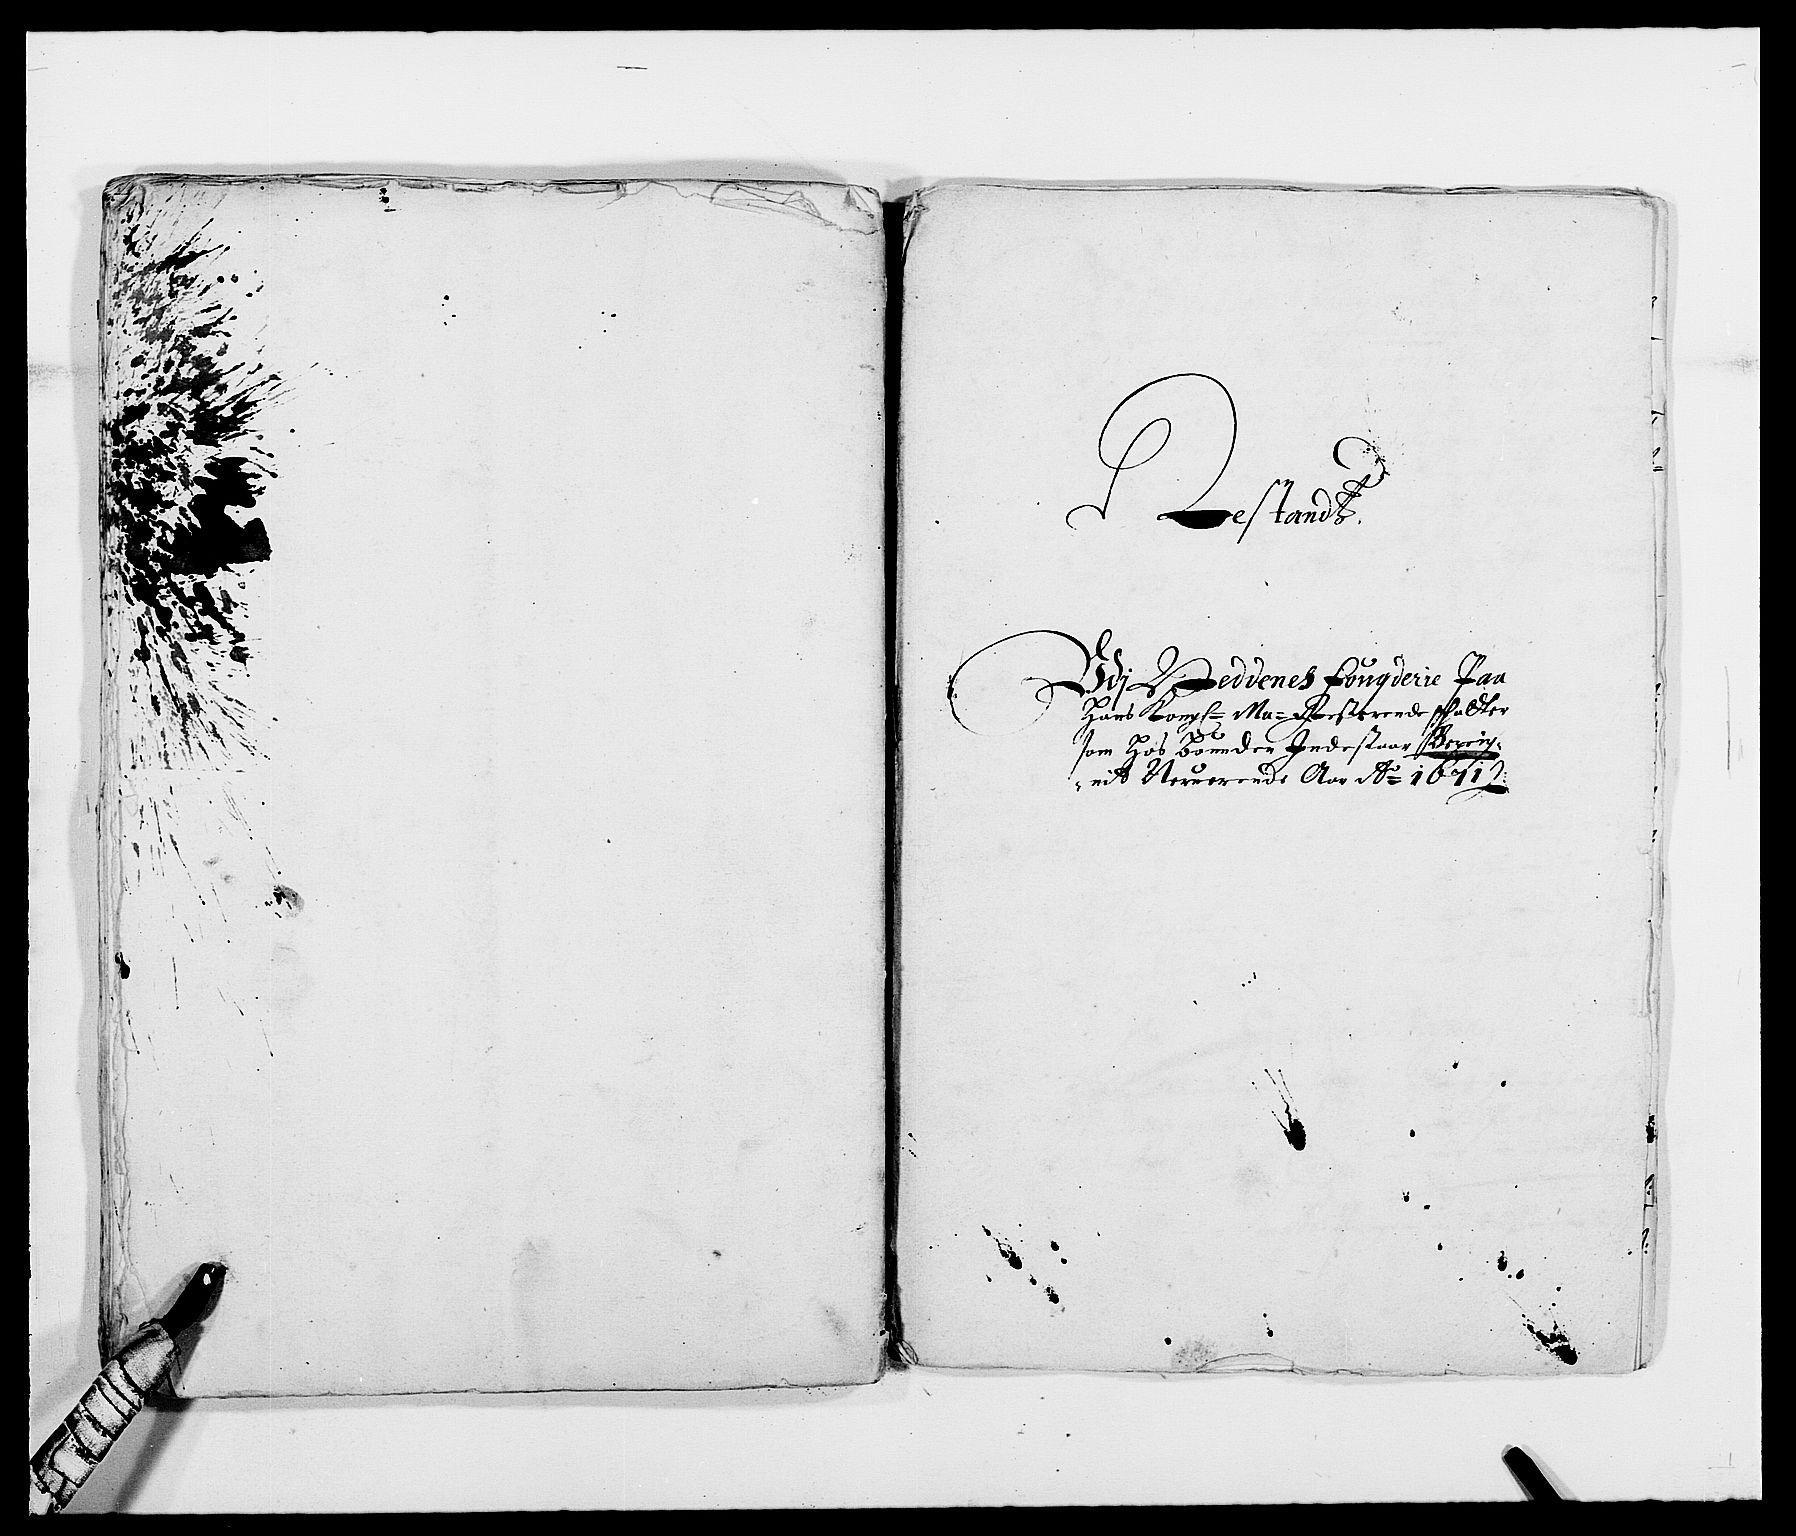 RA, Rentekammeret inntil 1814, Reviderte regnskaper, Fogderegnskap, R39/L2299: Fogderegnskap Nedenes, 1670-1671, s. 277